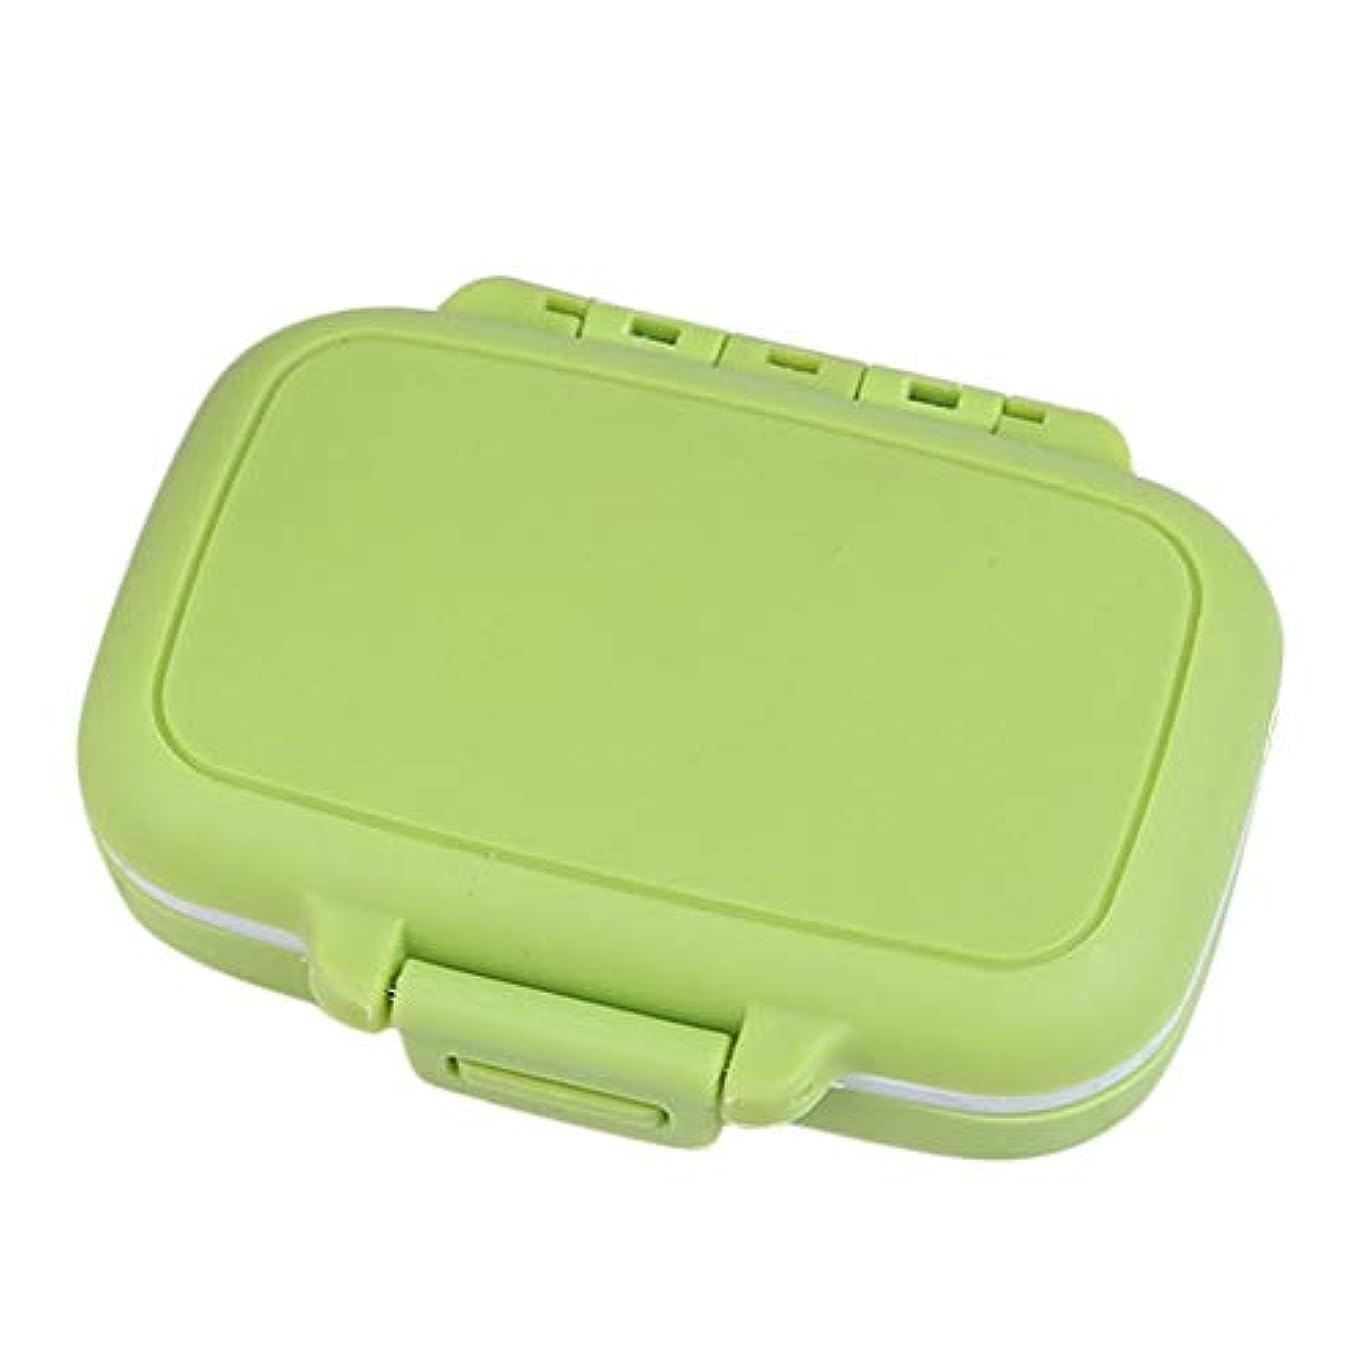 旅行者いっぱい未亡人Yxsd 応急処置キット 使用のためのプラスチック丸薬箱の携帯用小型丸薬薬容器旅行オルガナイザーの丸薬箱は上昇しました (Color : Green)